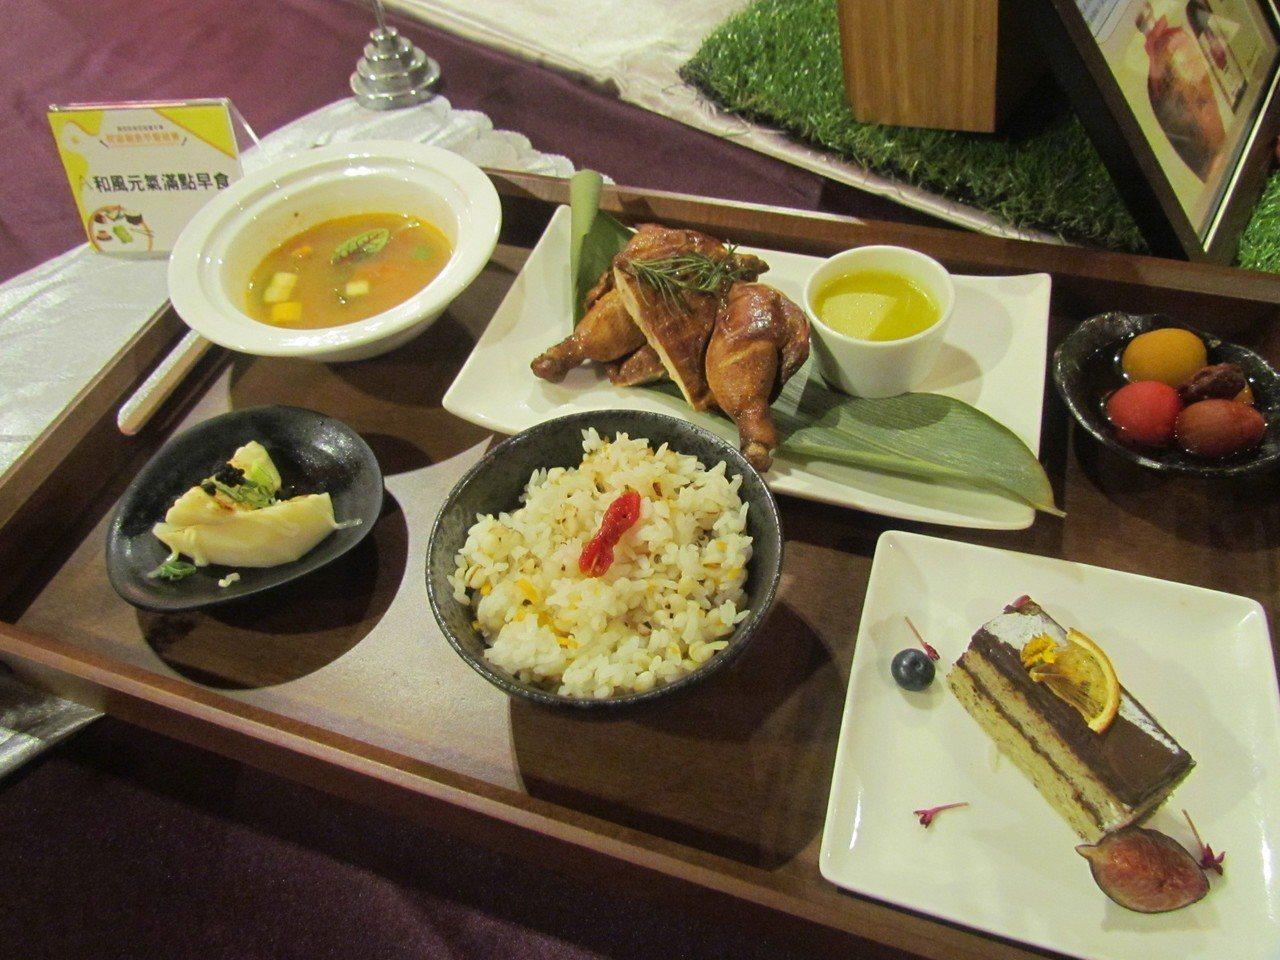 南投縣民宿特色早餐競賽,每家民宿主人都賣力推出好料理。記者張家樂/攝影